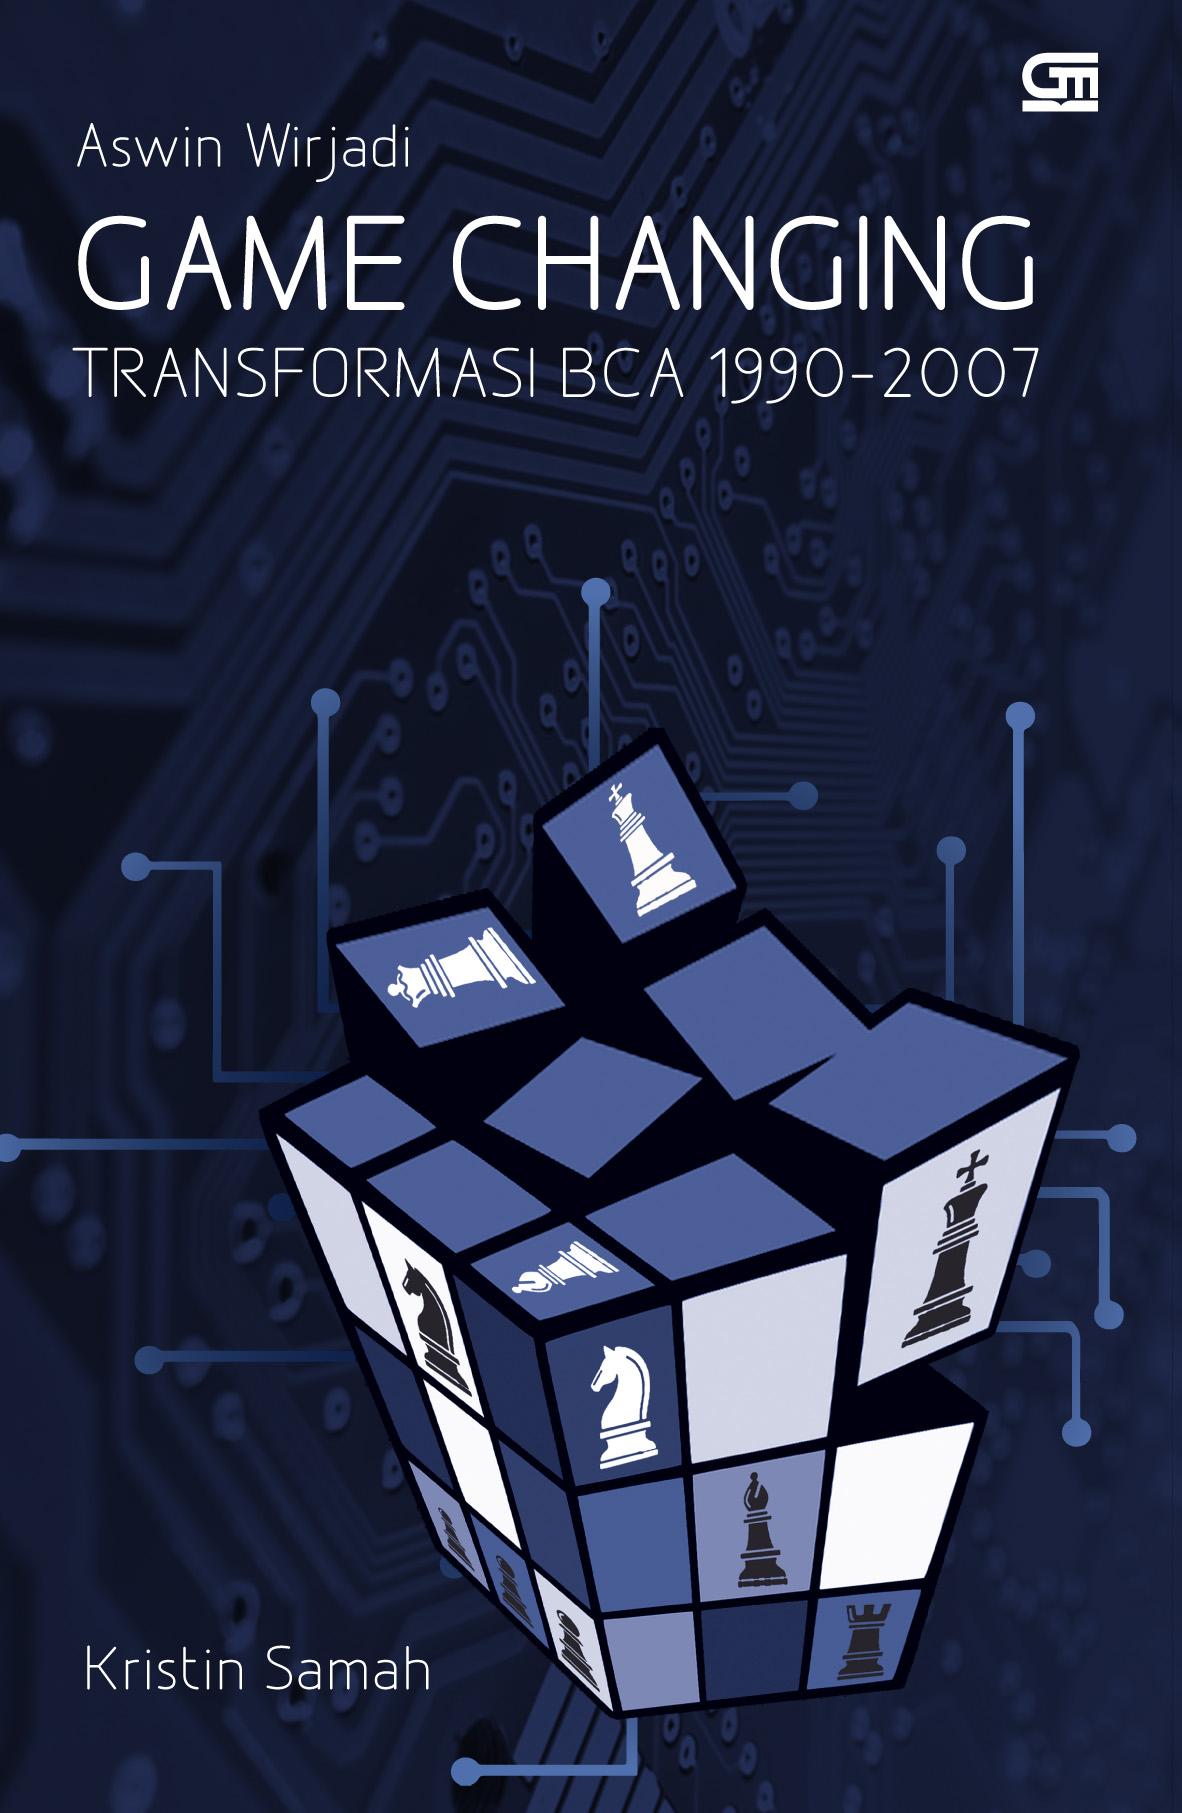 Aswin Wirjadi: Game Changing Transformasi BCA 1990-2007